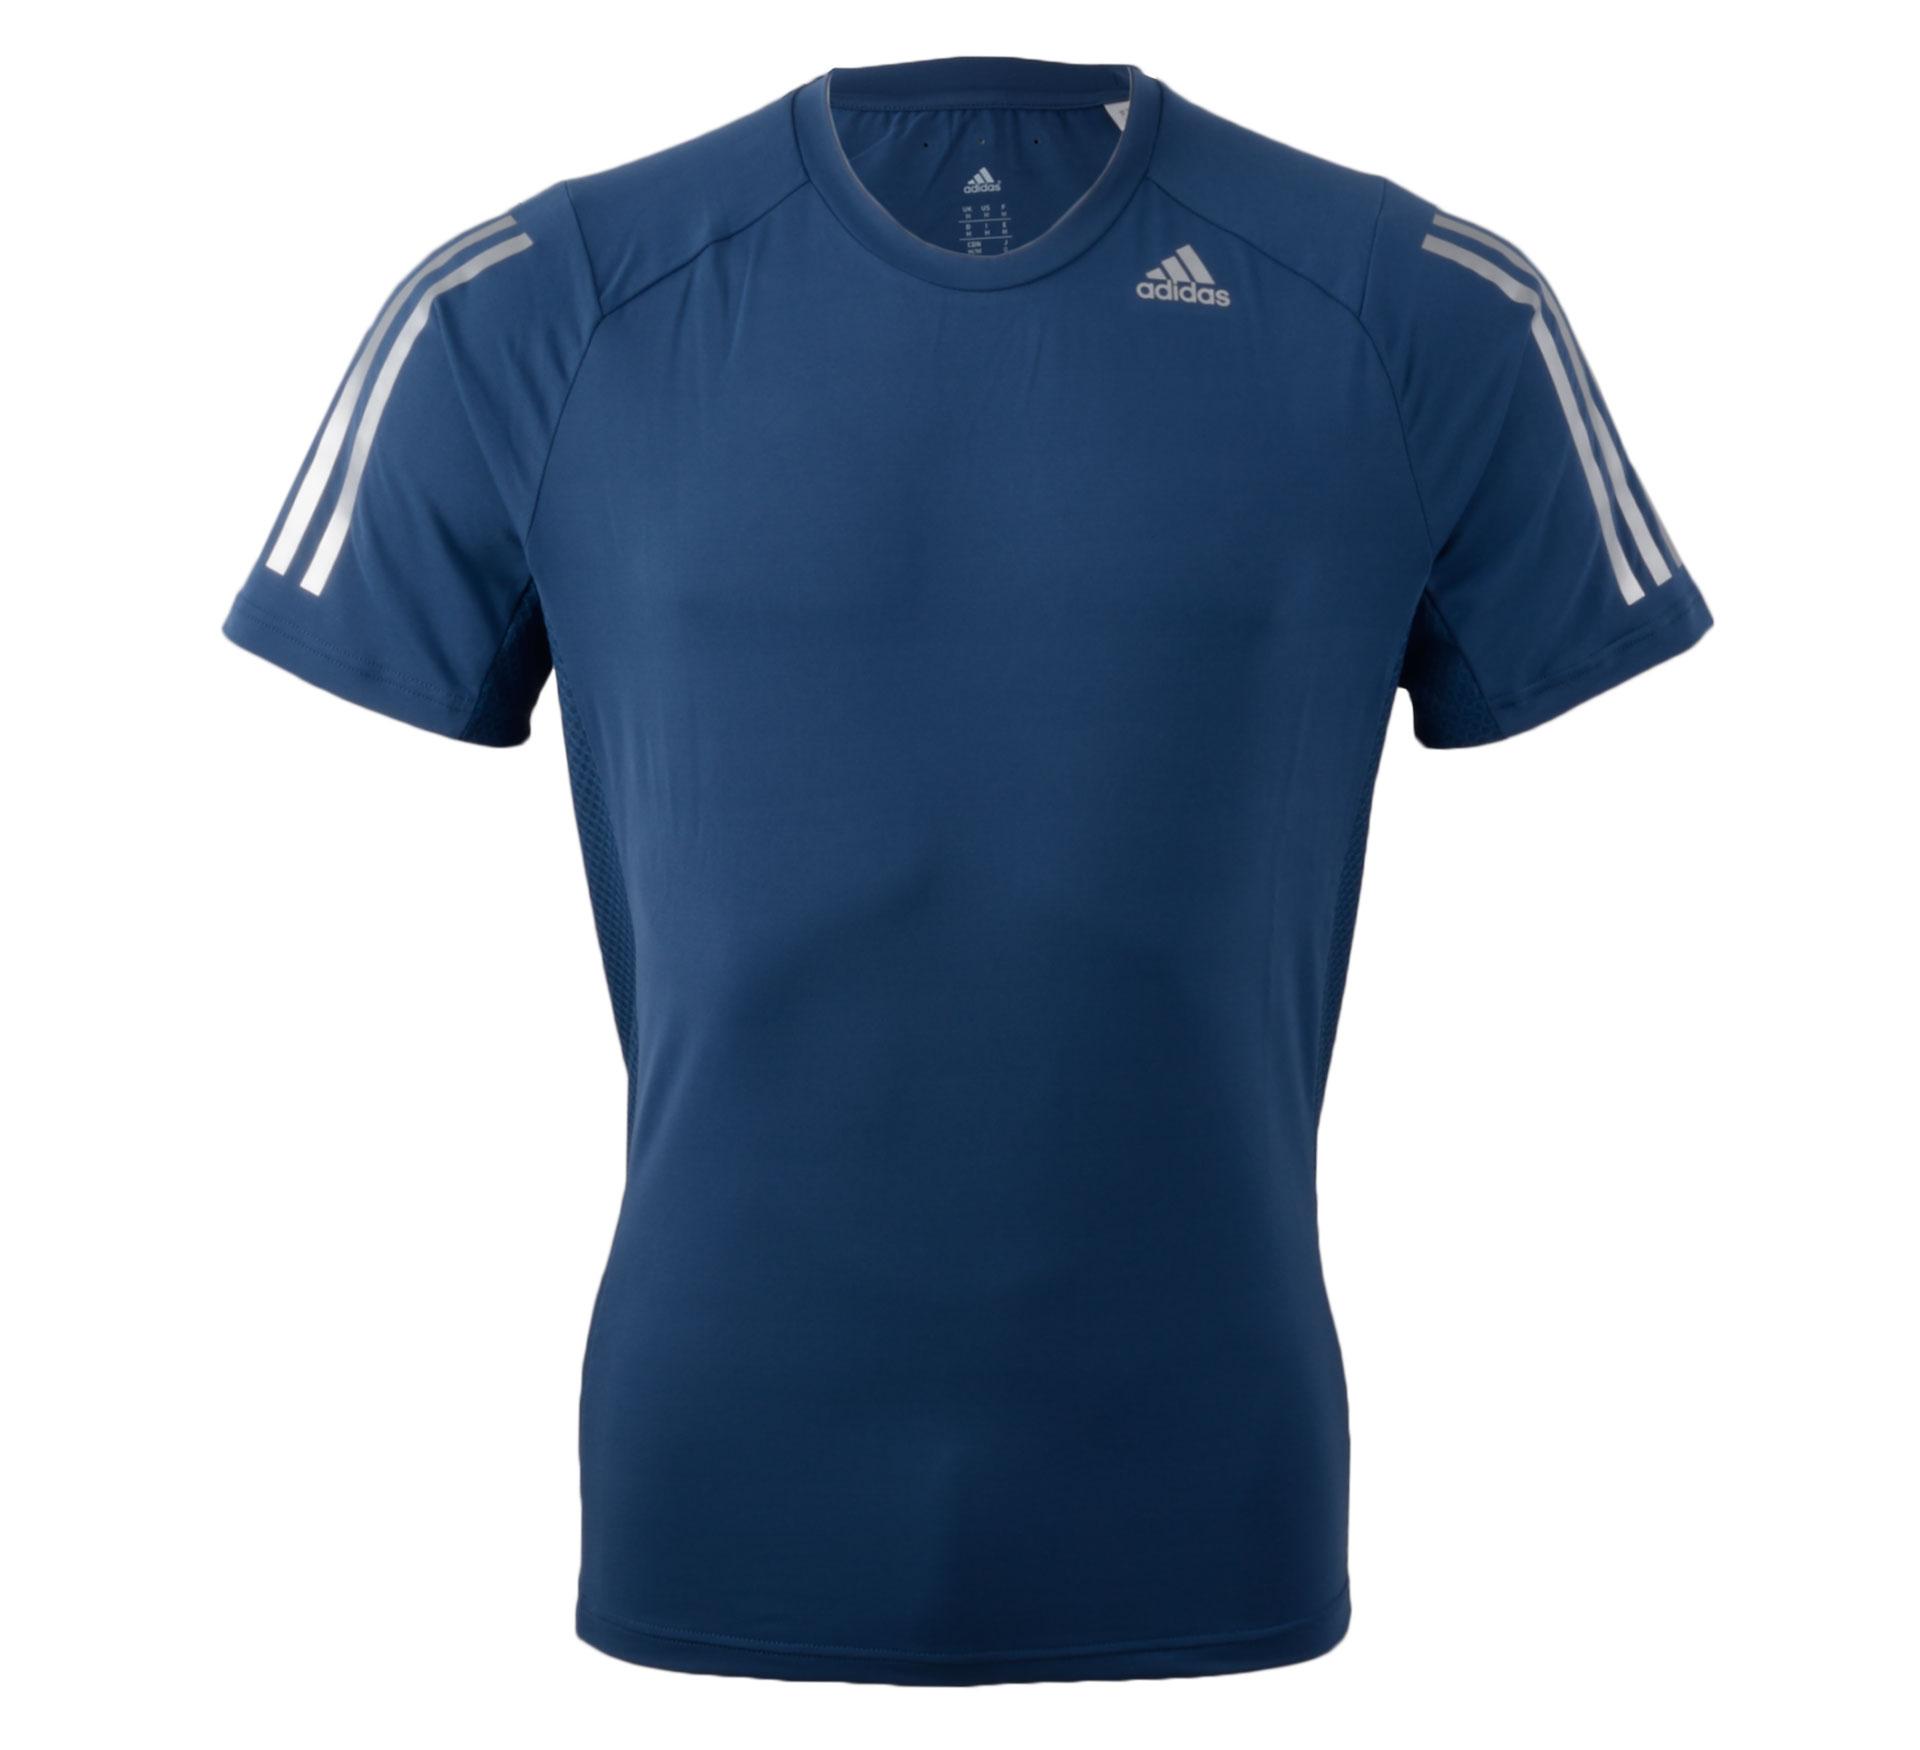 Adidas  Cool365 T-shirt Men donker blauw - zilver